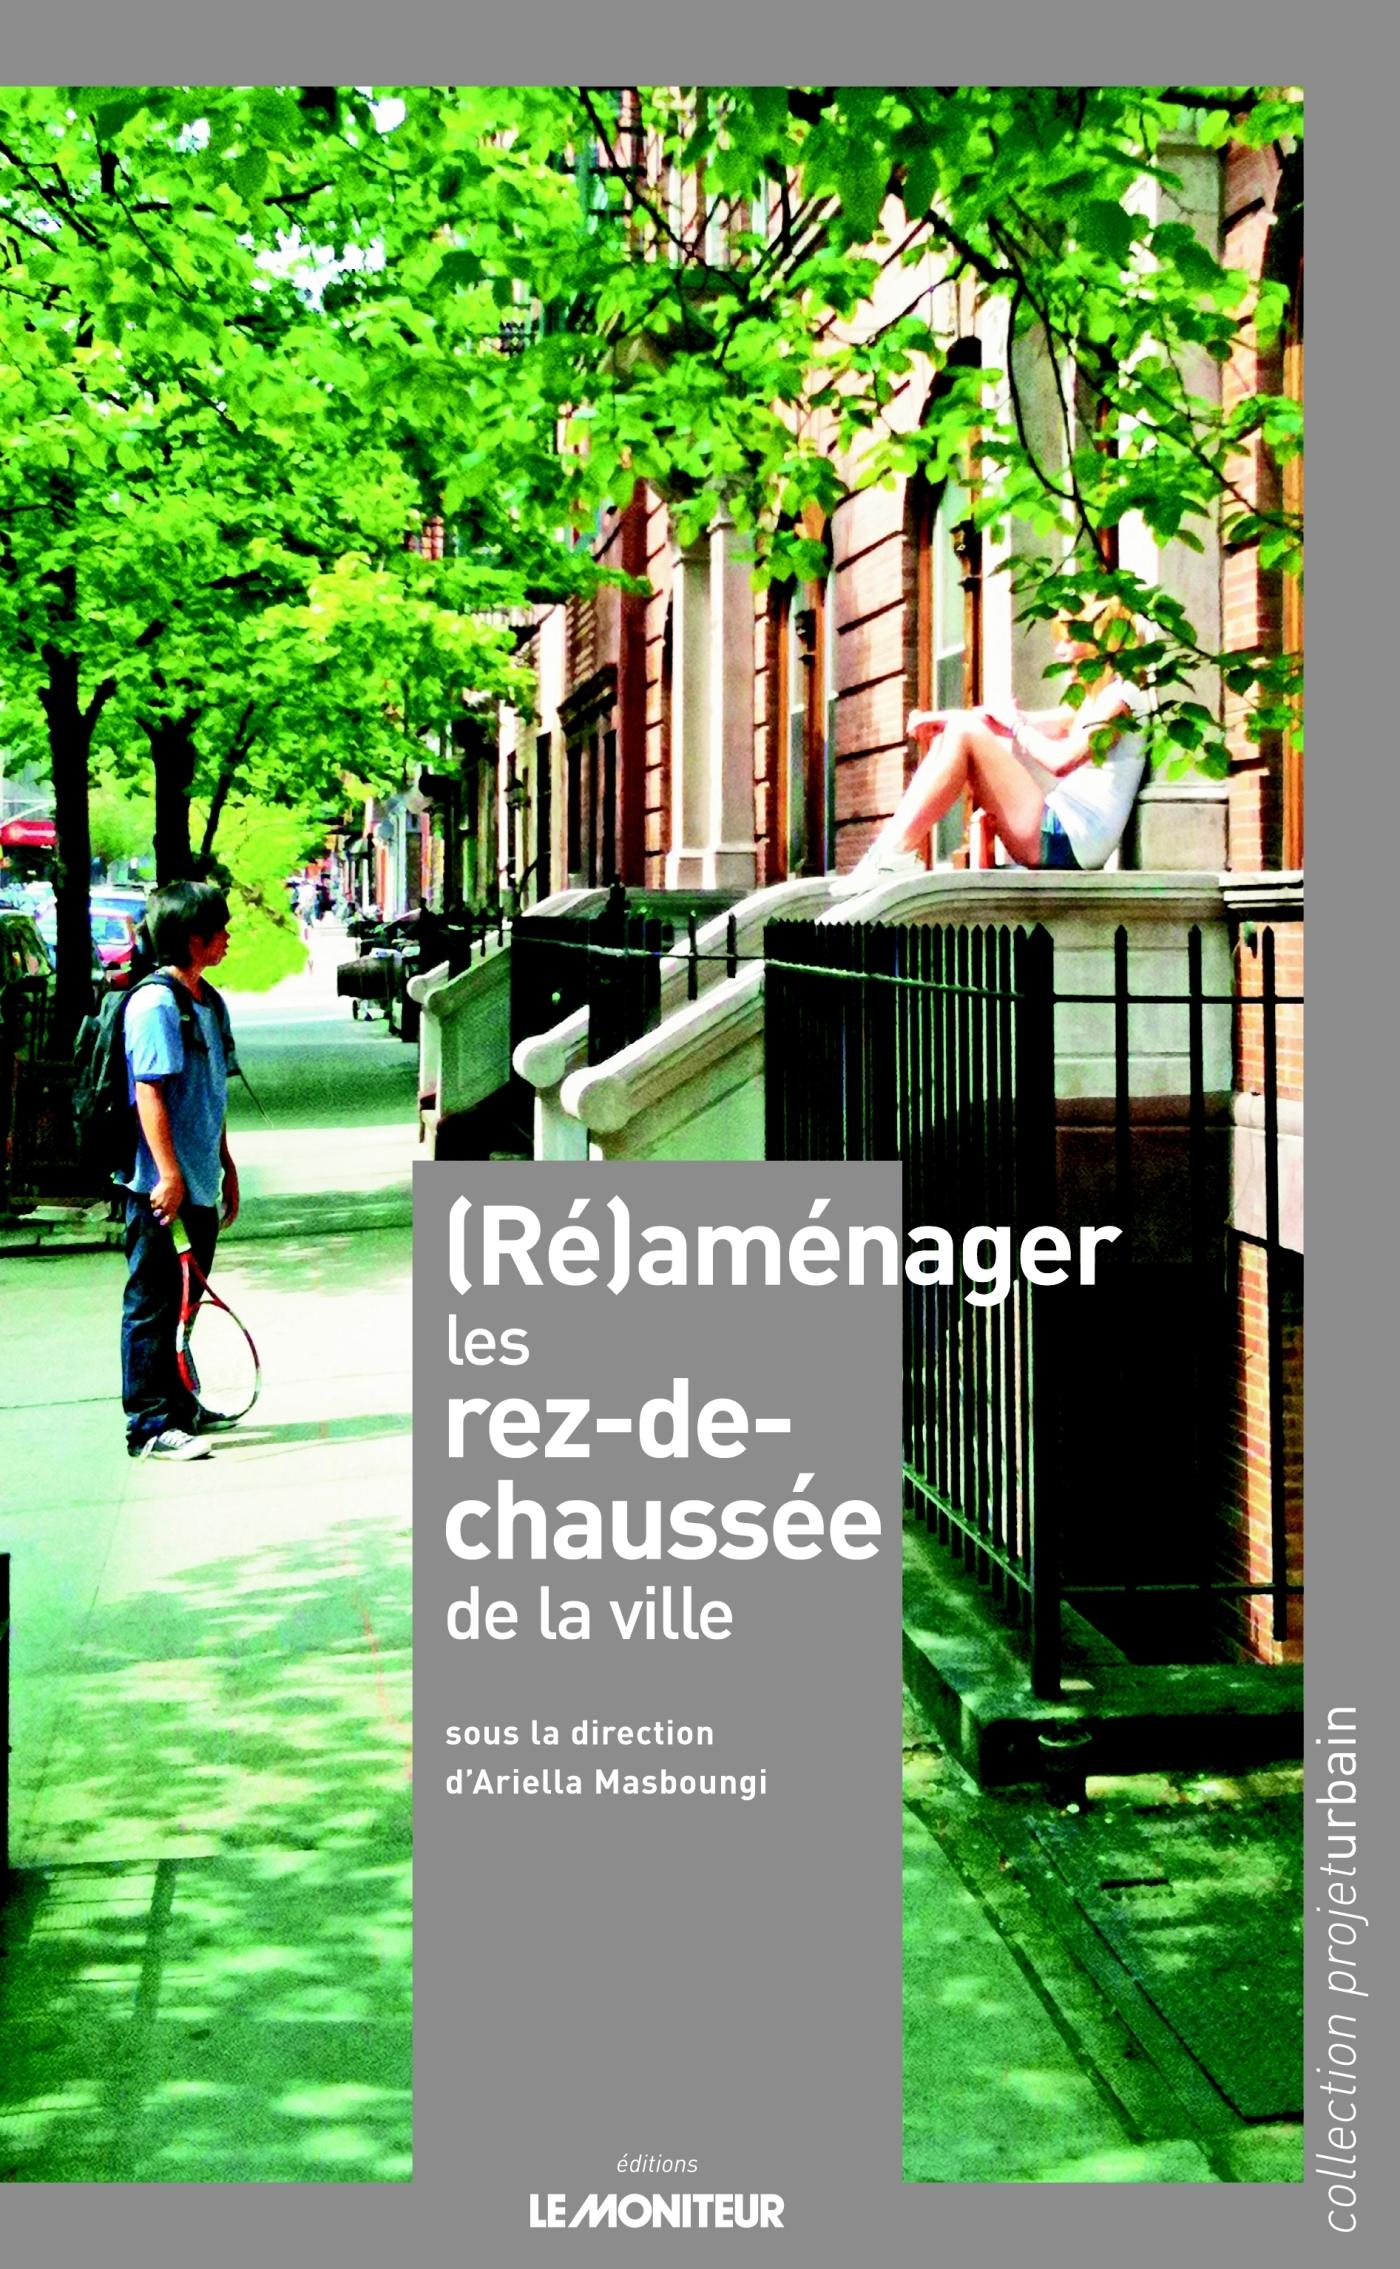 (RE)AMENAGER LES REZ-DE-CHAUSSEE DE LA VILLE